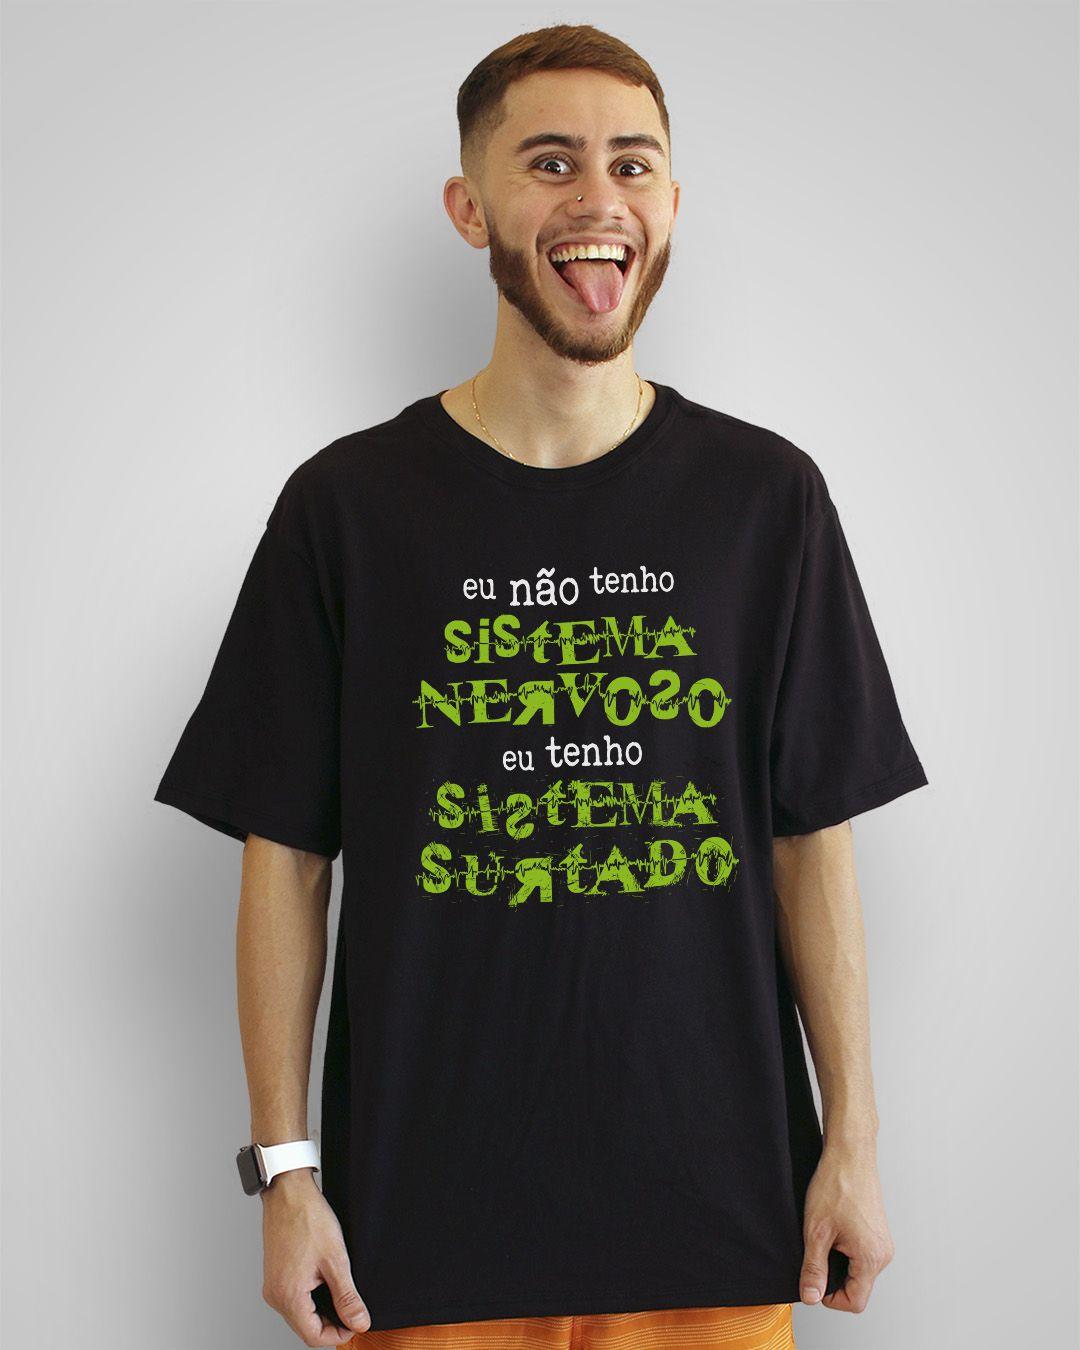 Camiseta Eu não tenho sistema nervoso, eu tenho sistema surtado